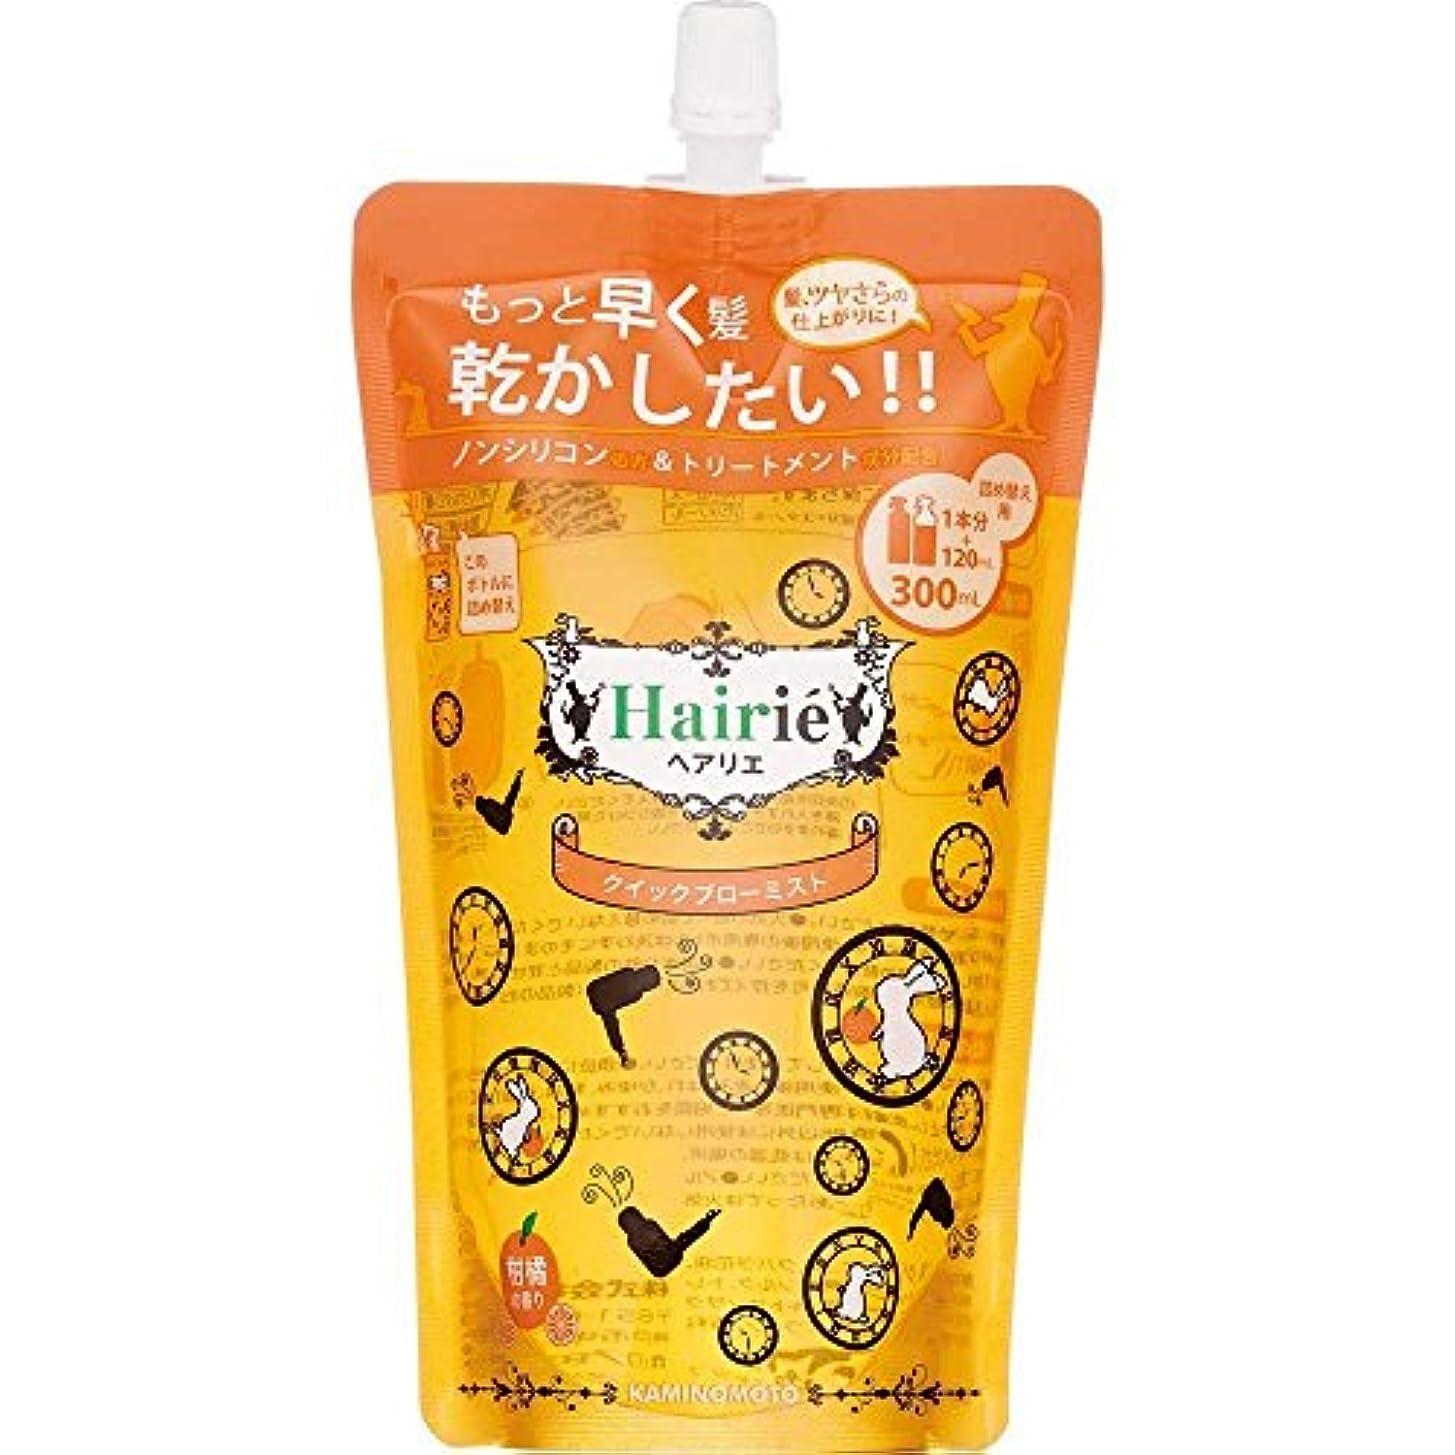 シマウマ取り組むアーティファクトヘアリエ クイックブローミスト 柑橘の香り 詰め替え 300mL×3個